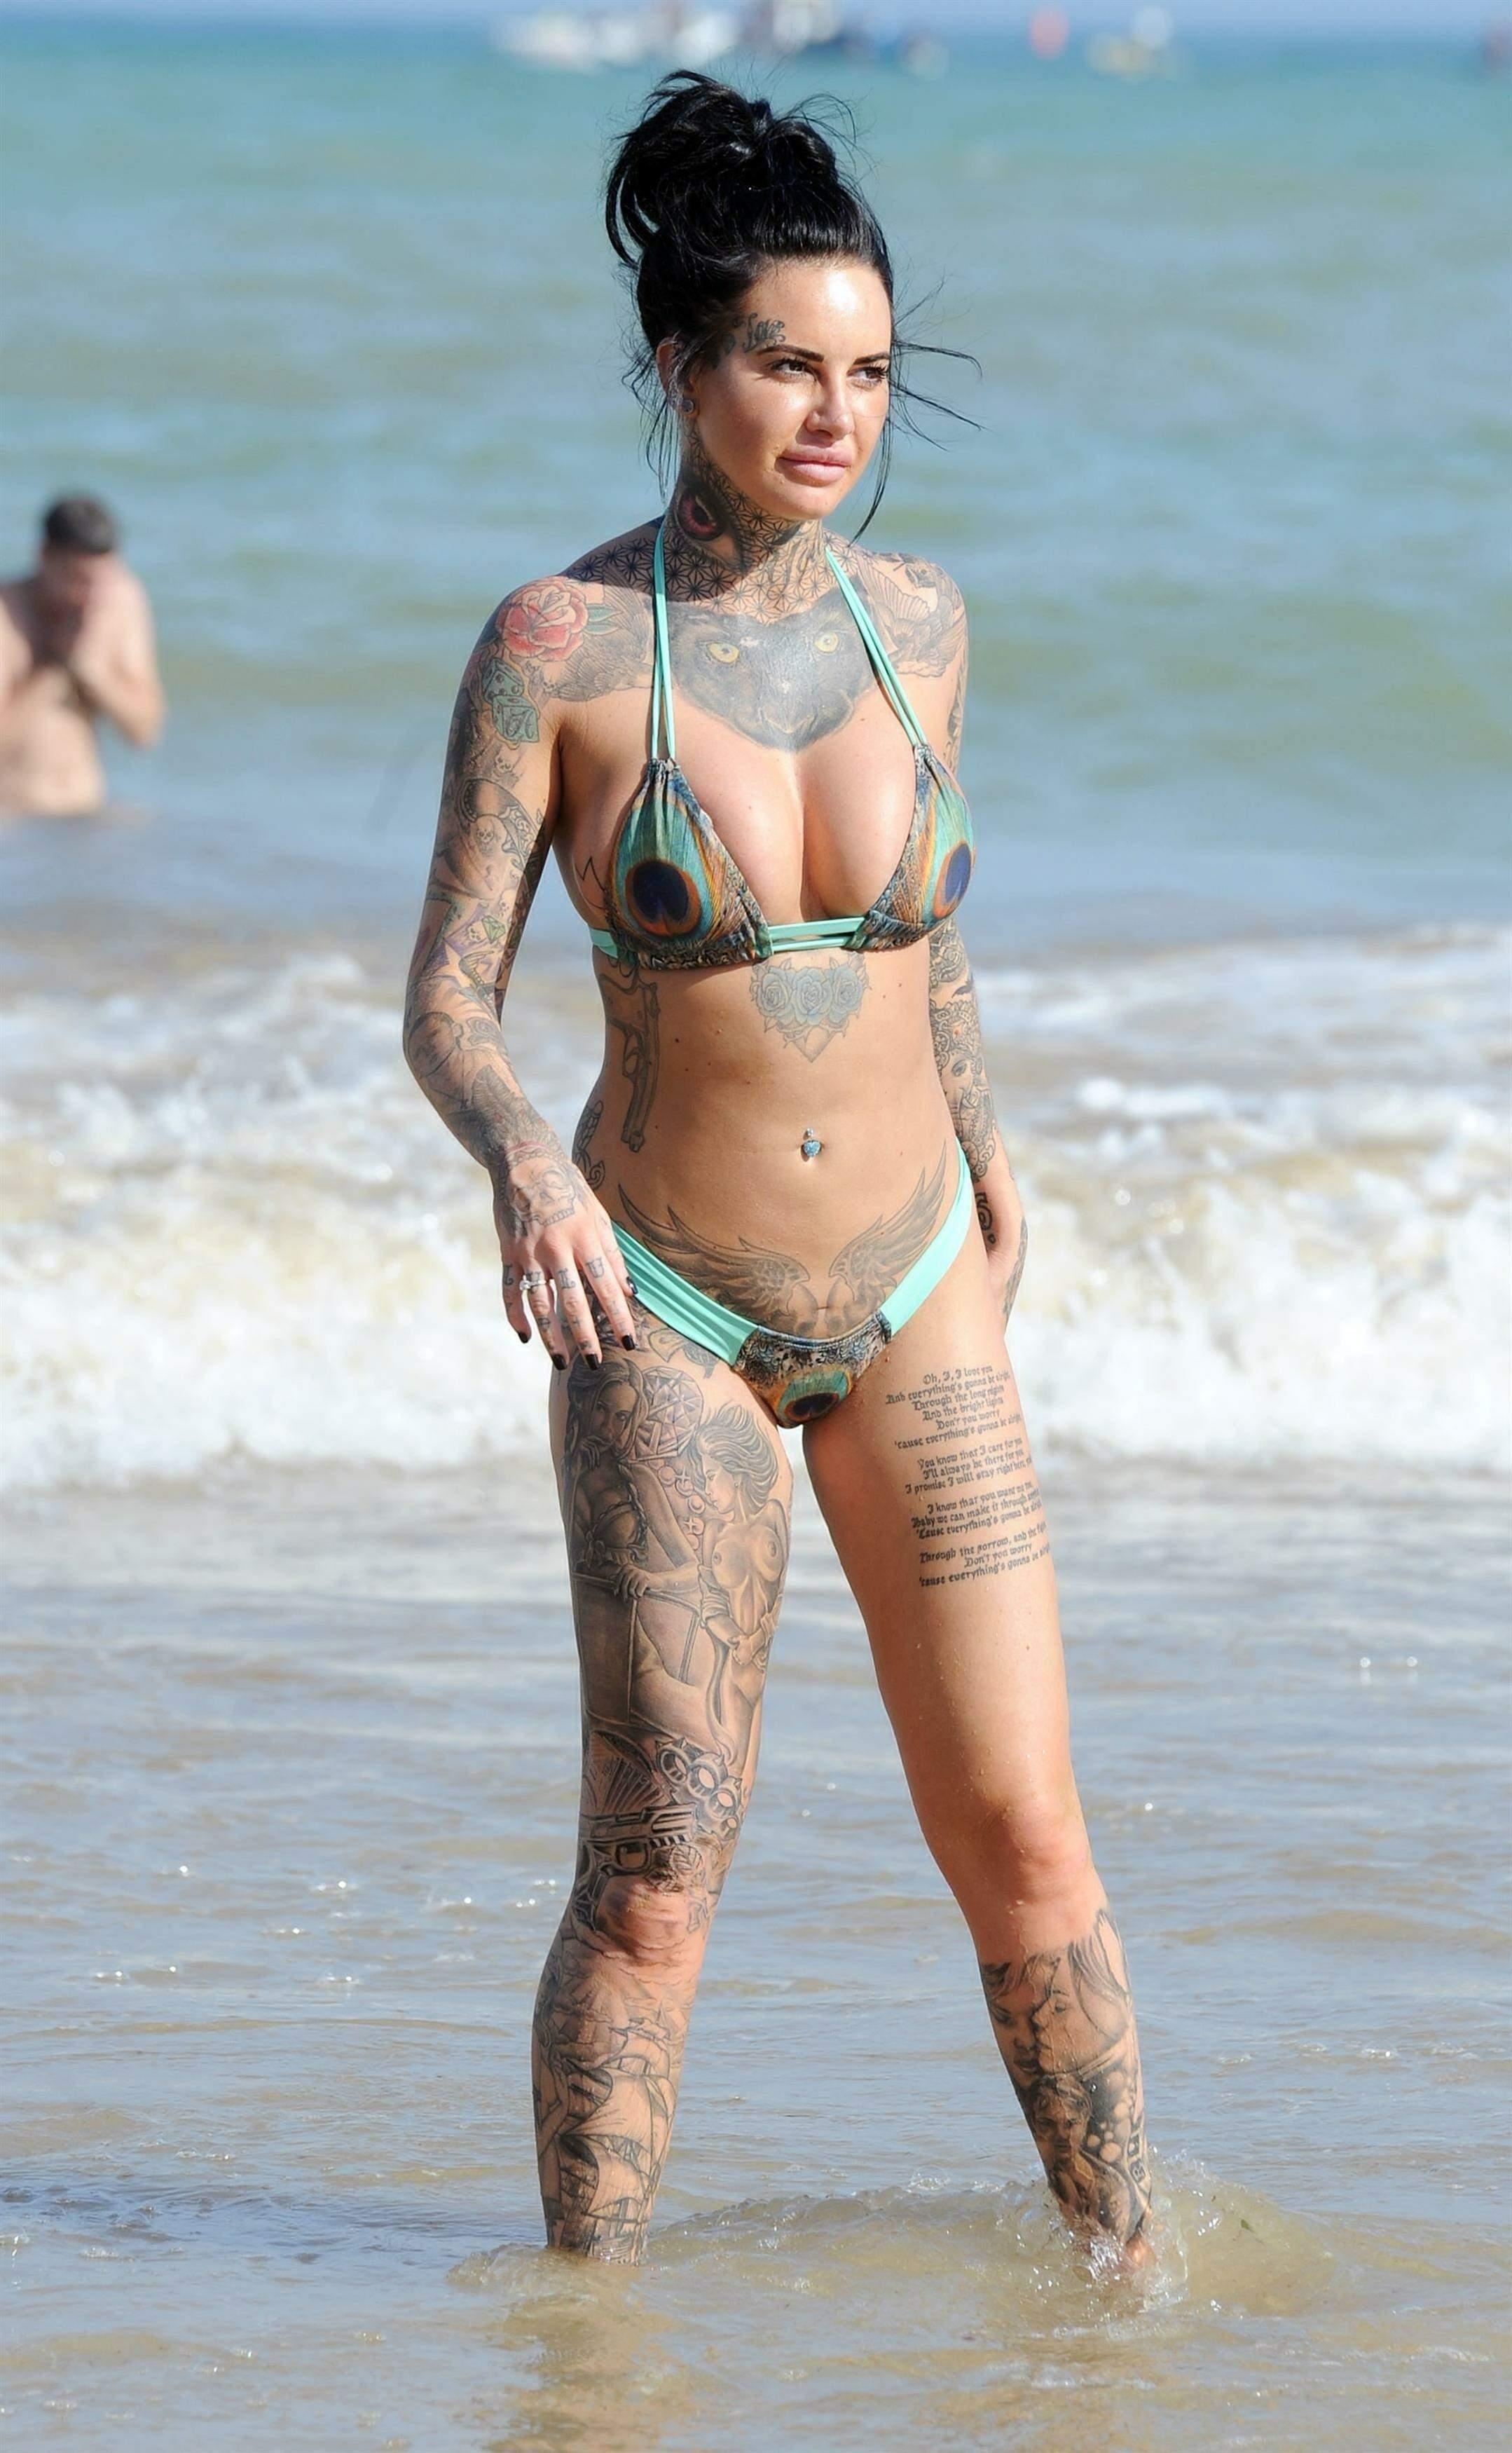 Jemma Lucy - Bikini in Spain